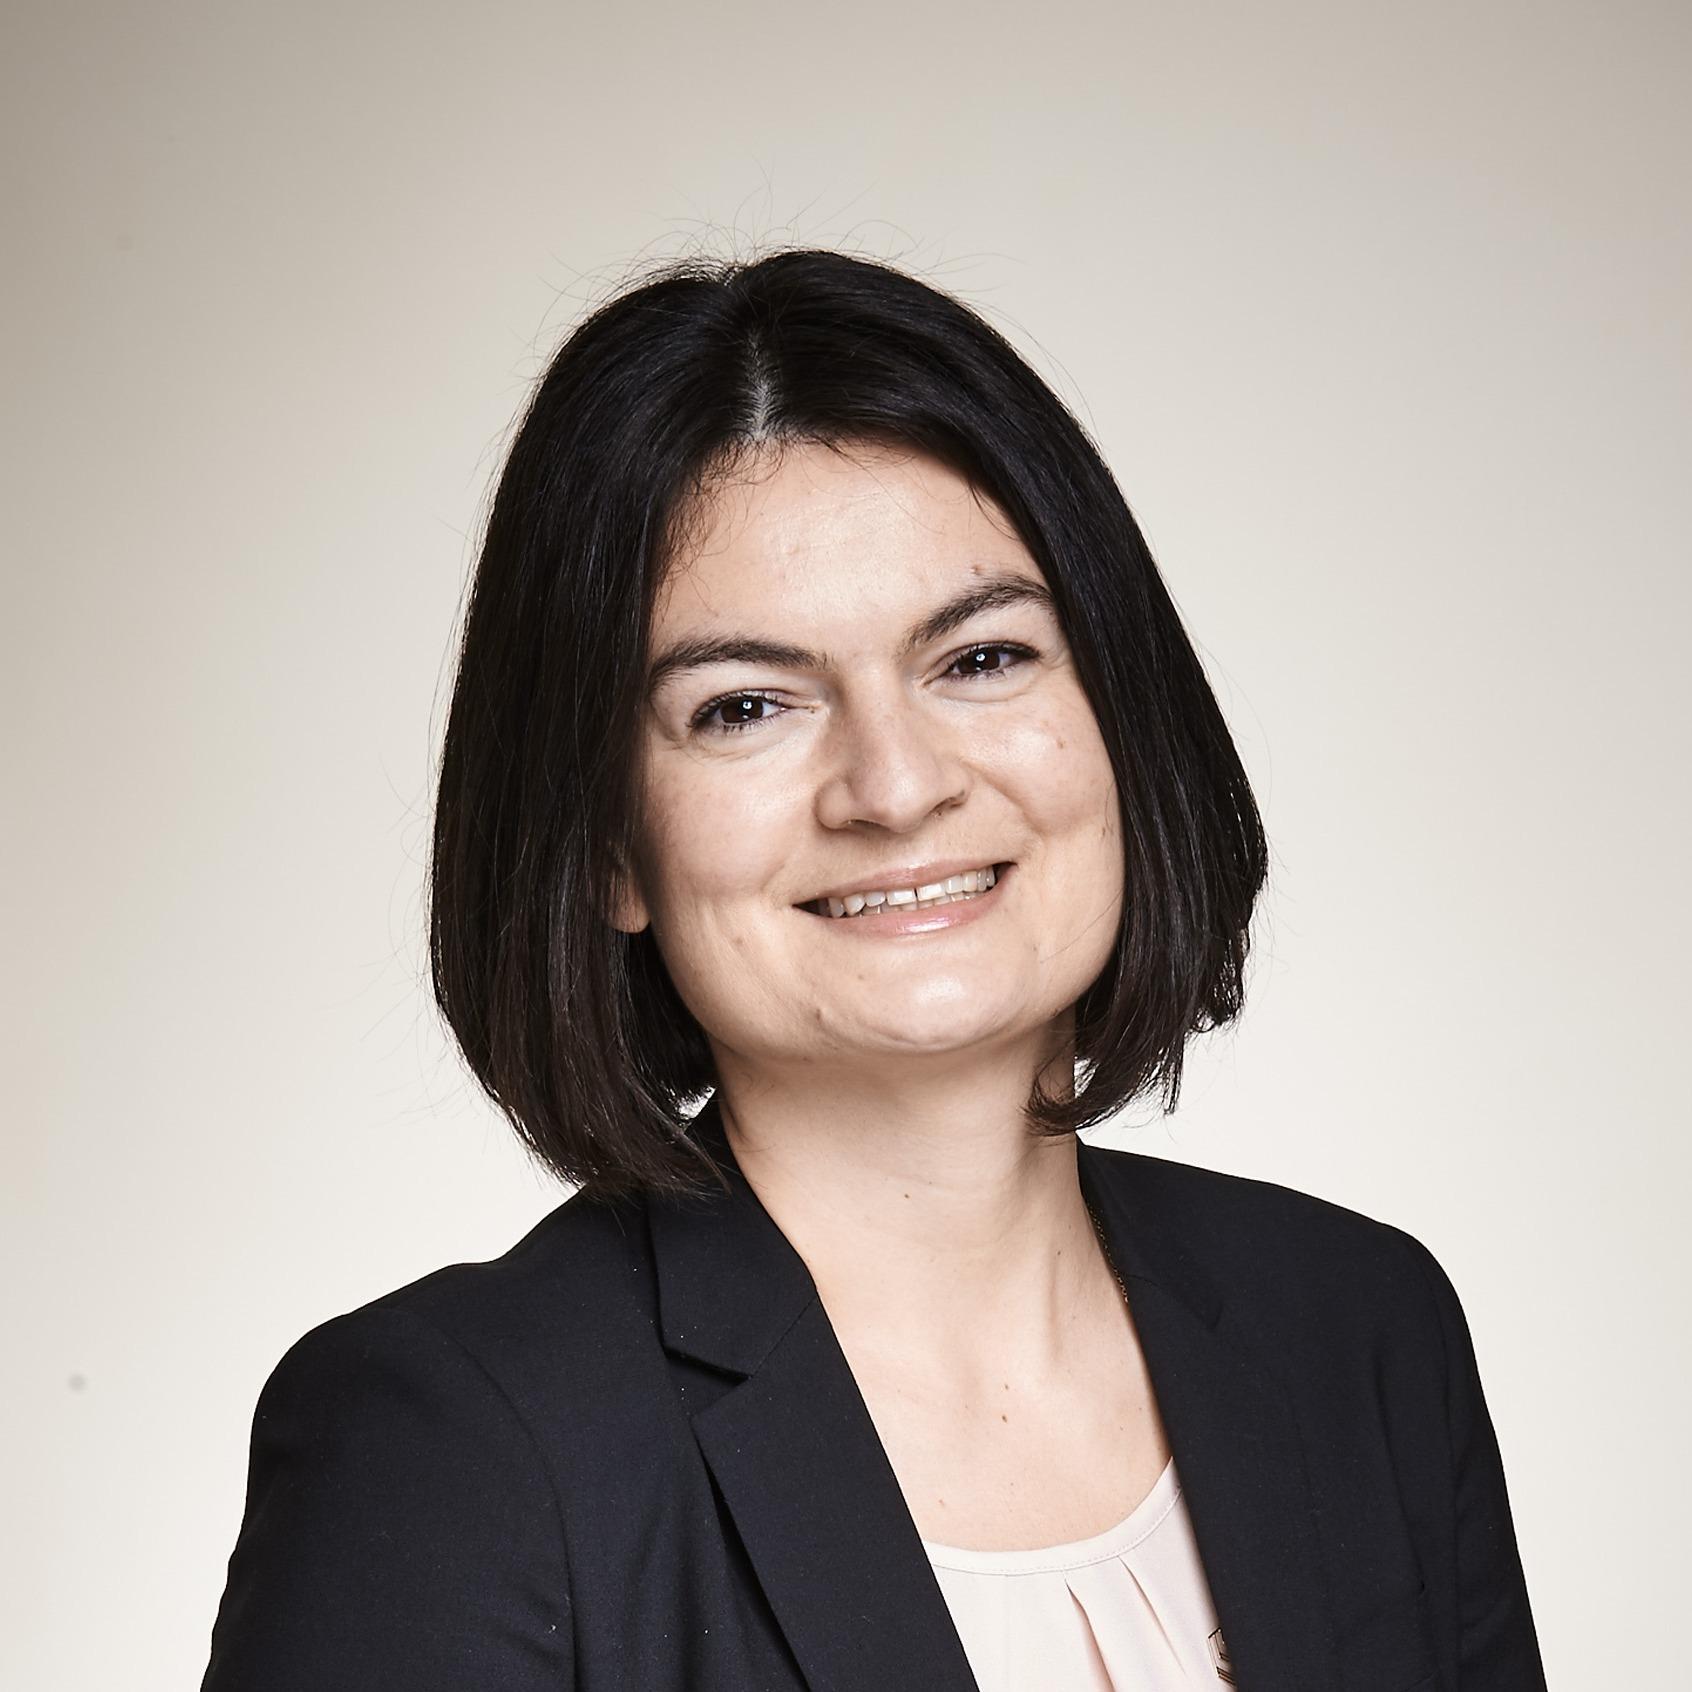 Amanda Denis-Ryan